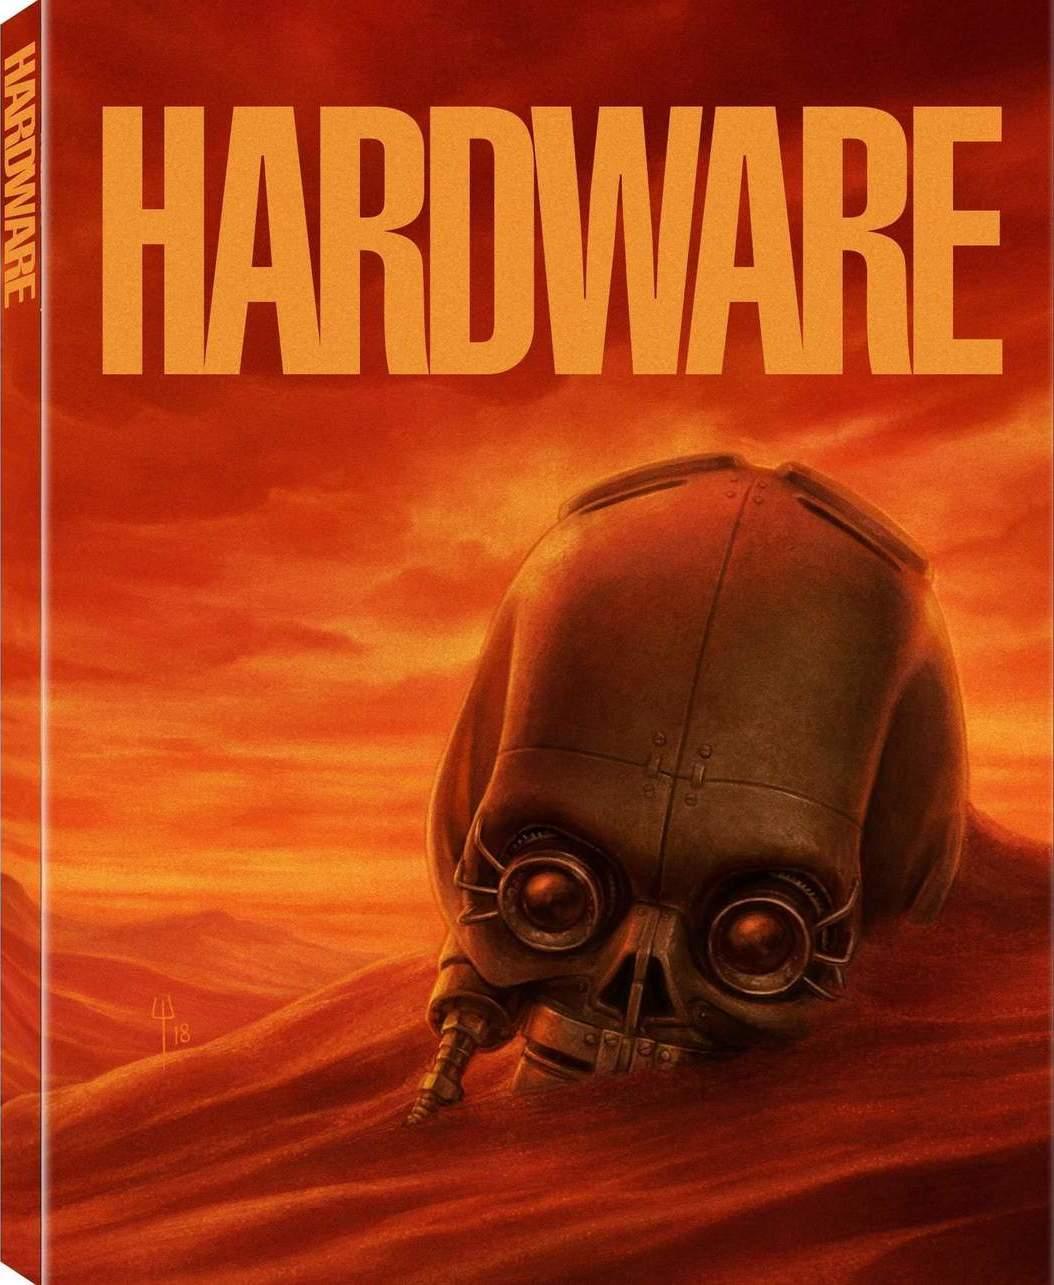 Ronin Flix: 4K Remaster of Richard Stanley's Hardware Coming to Blu